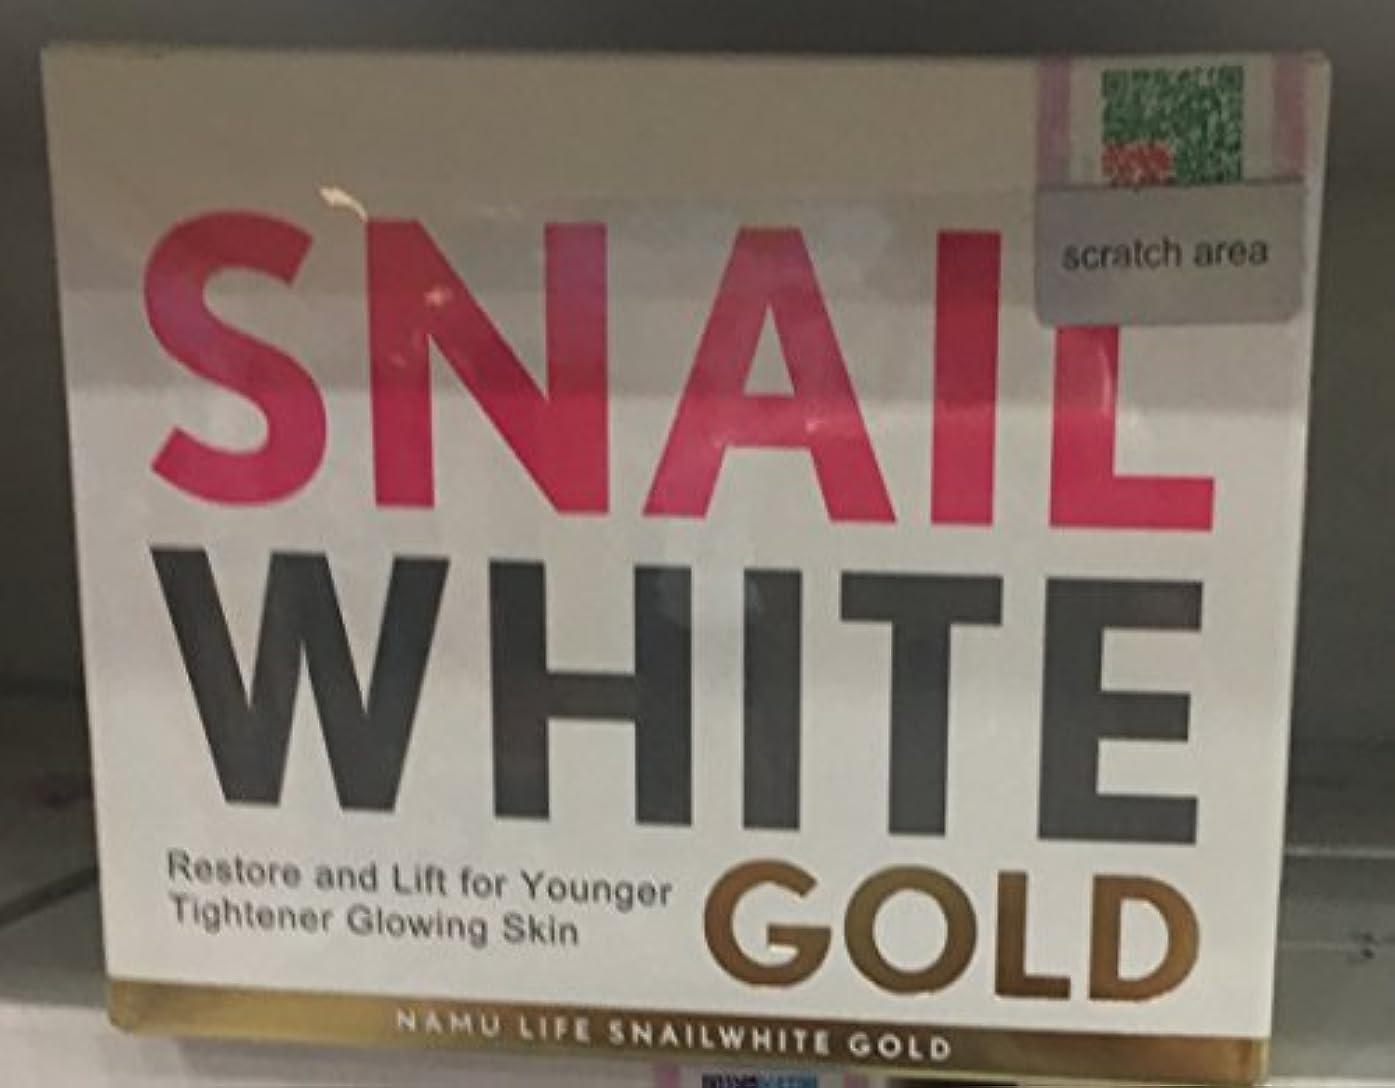 せせらぎ責任当社ナムライフスパイニングゴールド50 ml ホワイトニング NAMU LIFE SNAILWHITE GOLD 50 ml